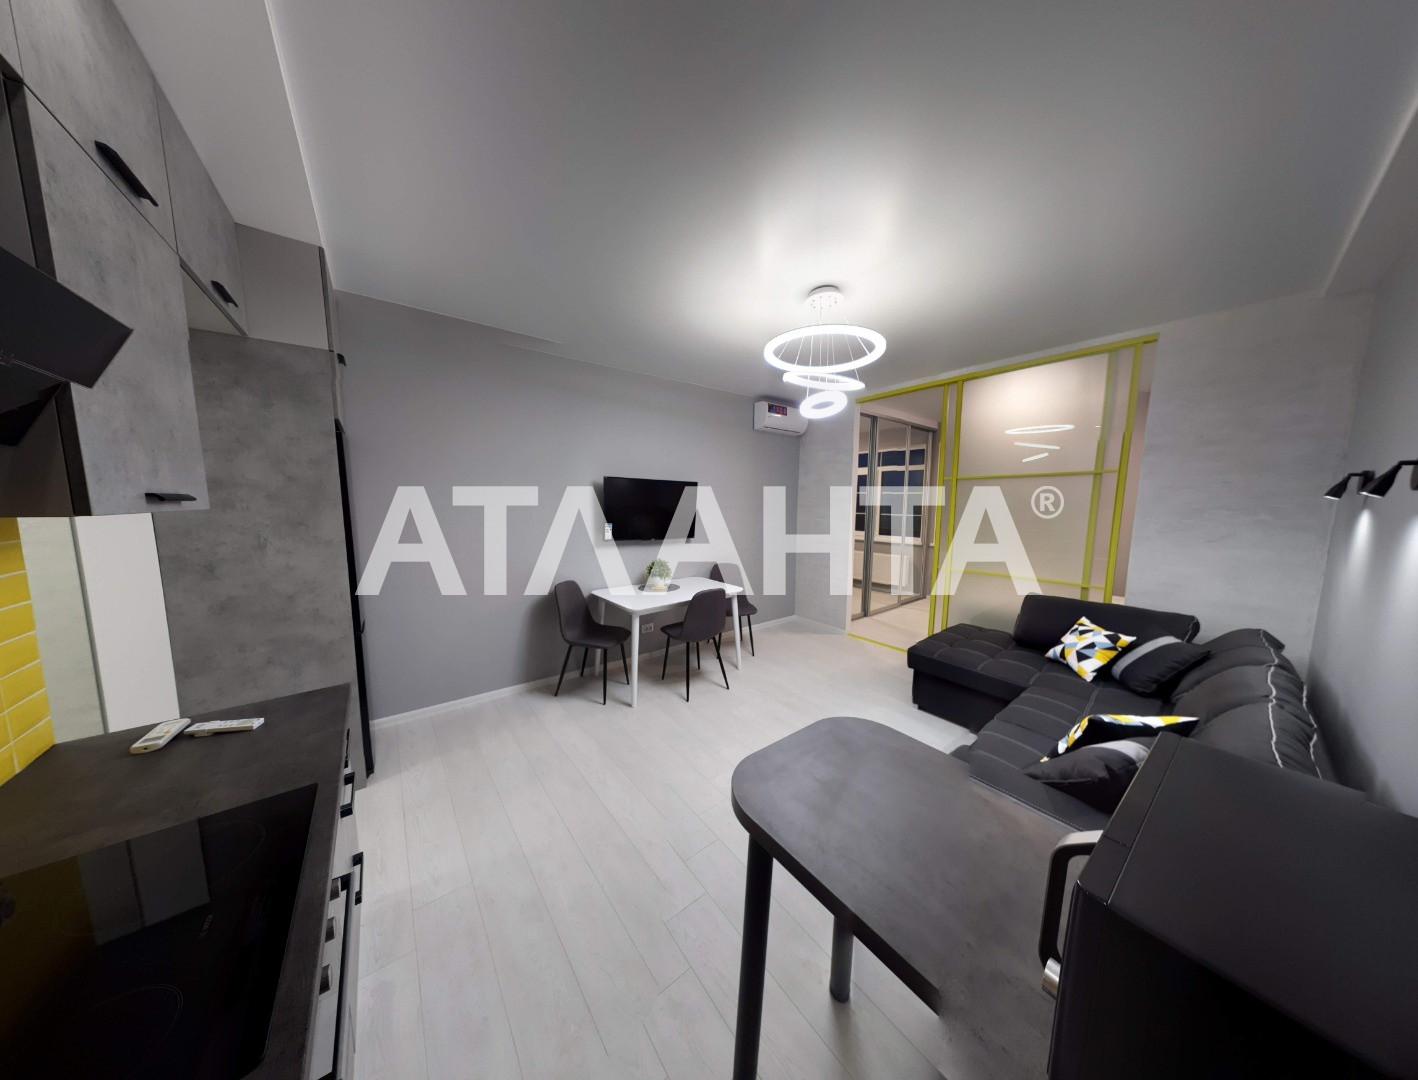 Продается 1-комнатная Квартира на ул. Ул. Максимовича (Онуфрия Трутенко) — 62 900 у.е. (фото №2)